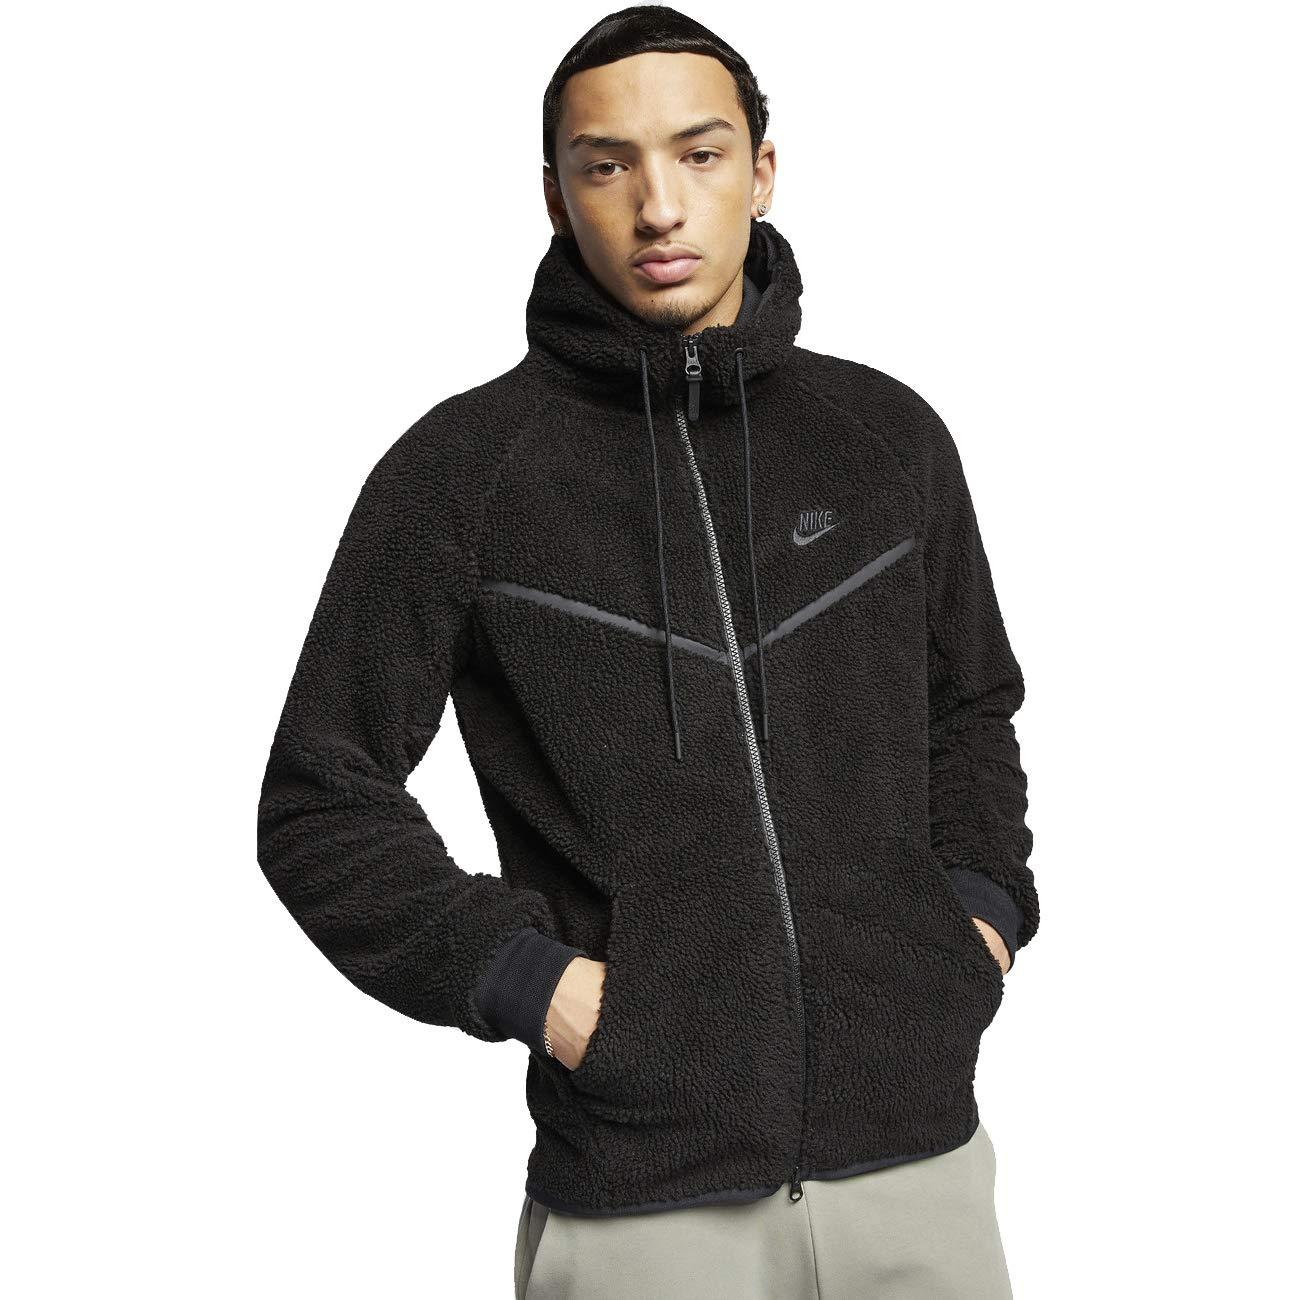 : NIKE Men's Sportswear Windrunner Tech Fleece